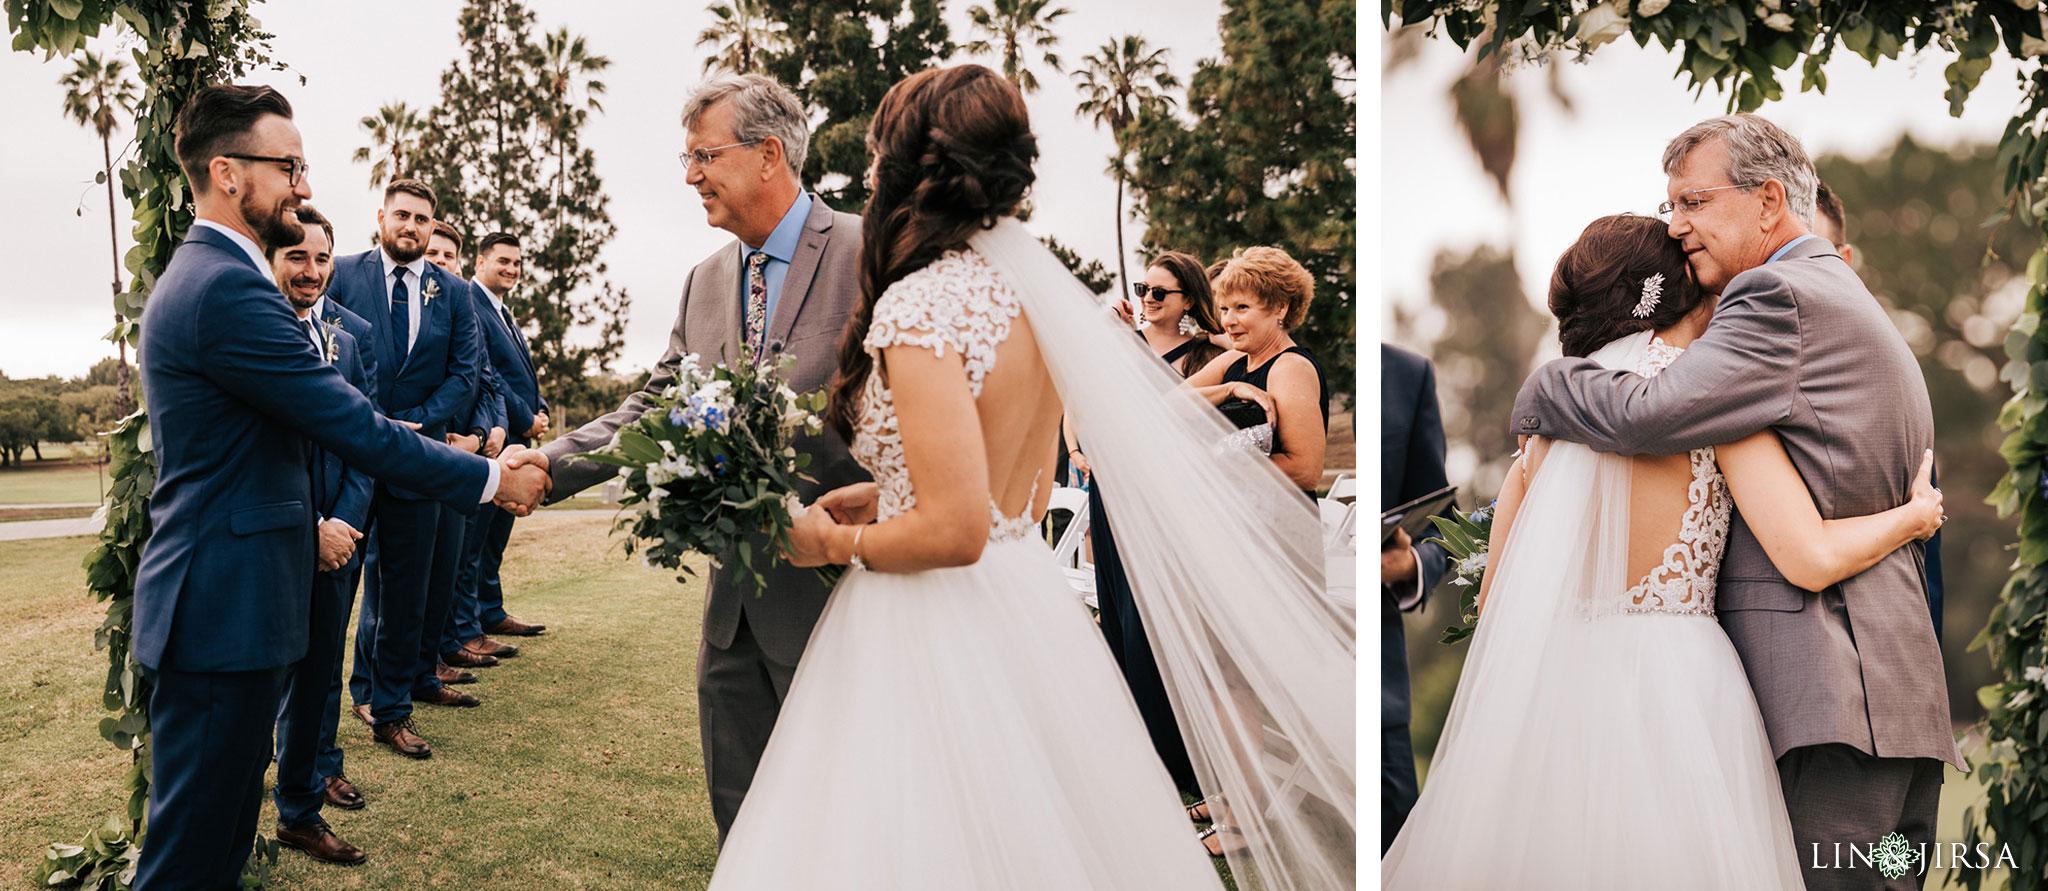 025 los verdes golf course wedding ceremony photography